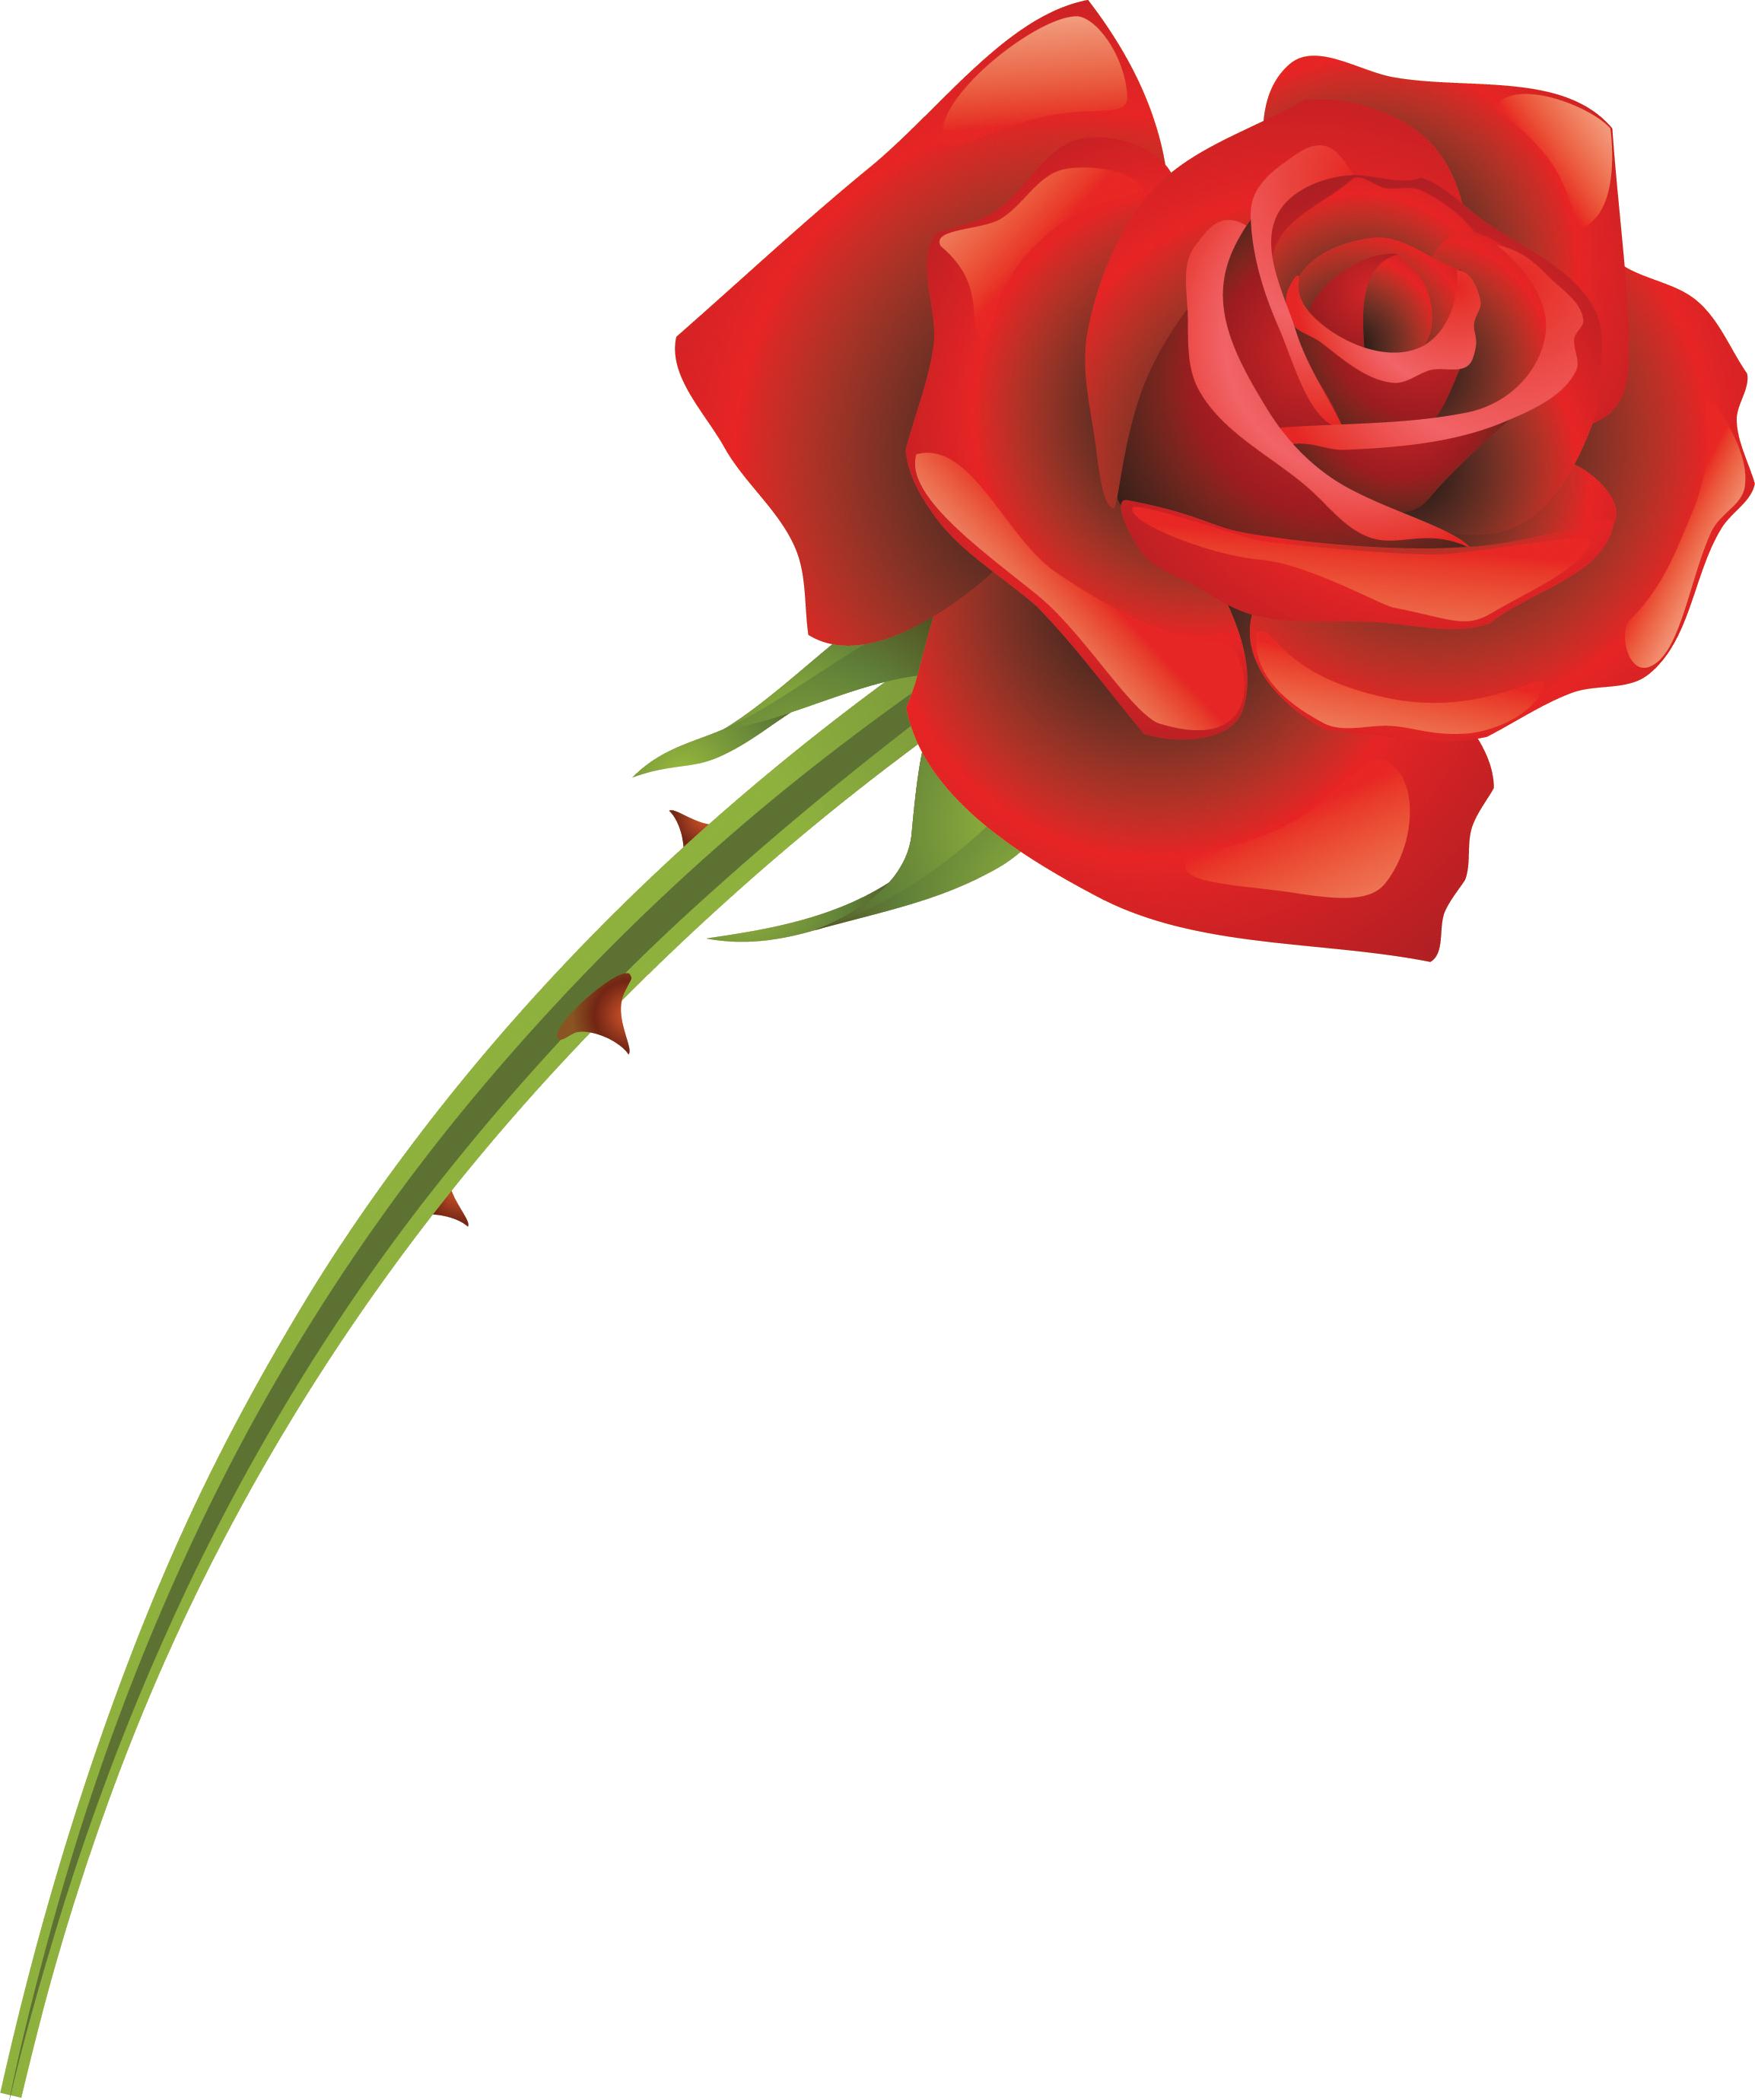 Красные розы картинки на прозрачном фоне